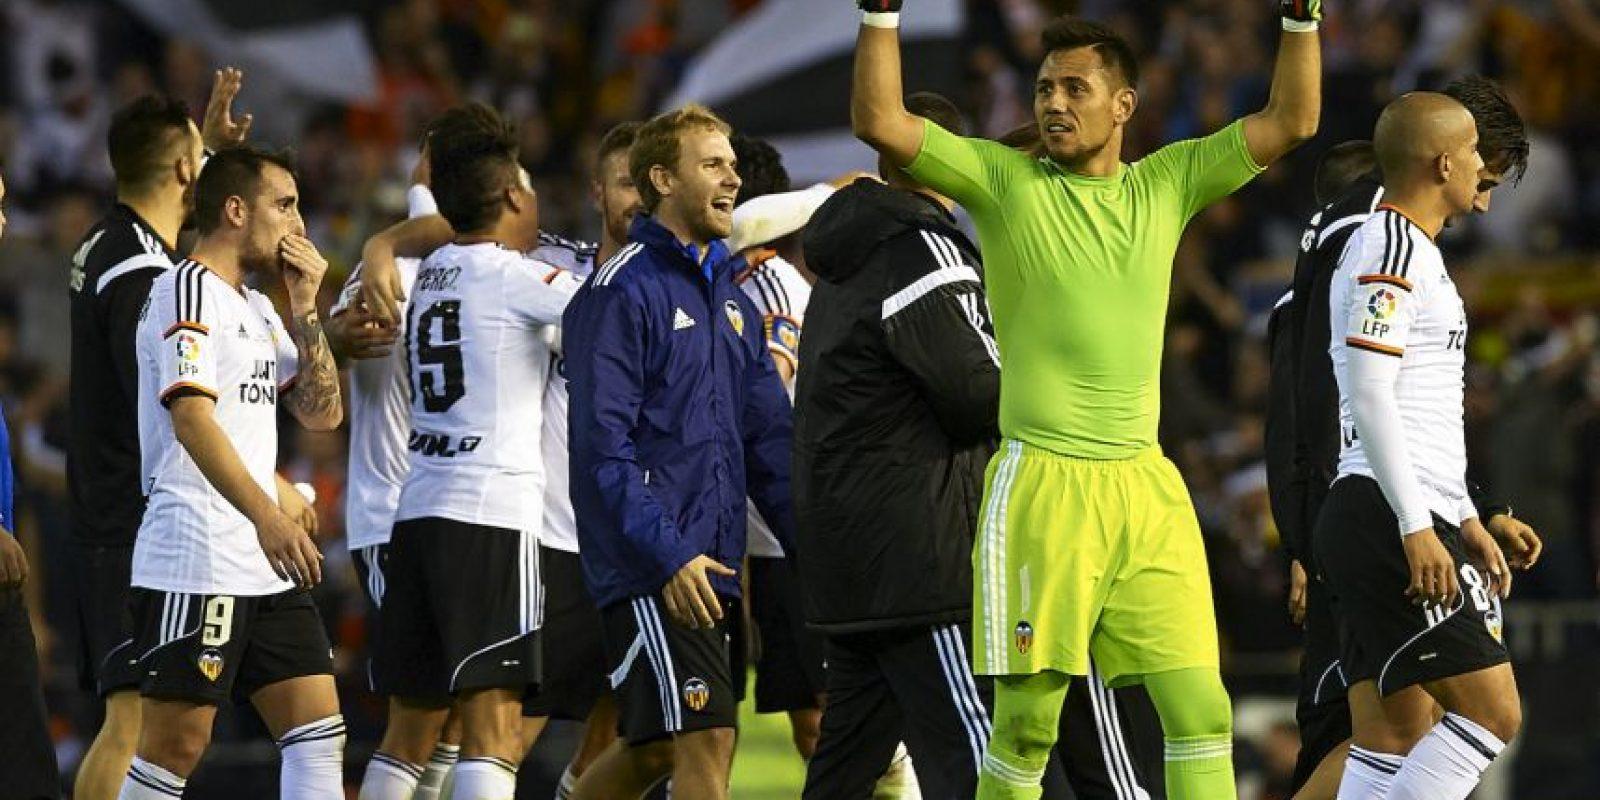 Como cuarto lugar entraron a playoffs de Champions League y eliminaron al AS Mónaco para meterse a fase de grupos. Foto:Getty Images